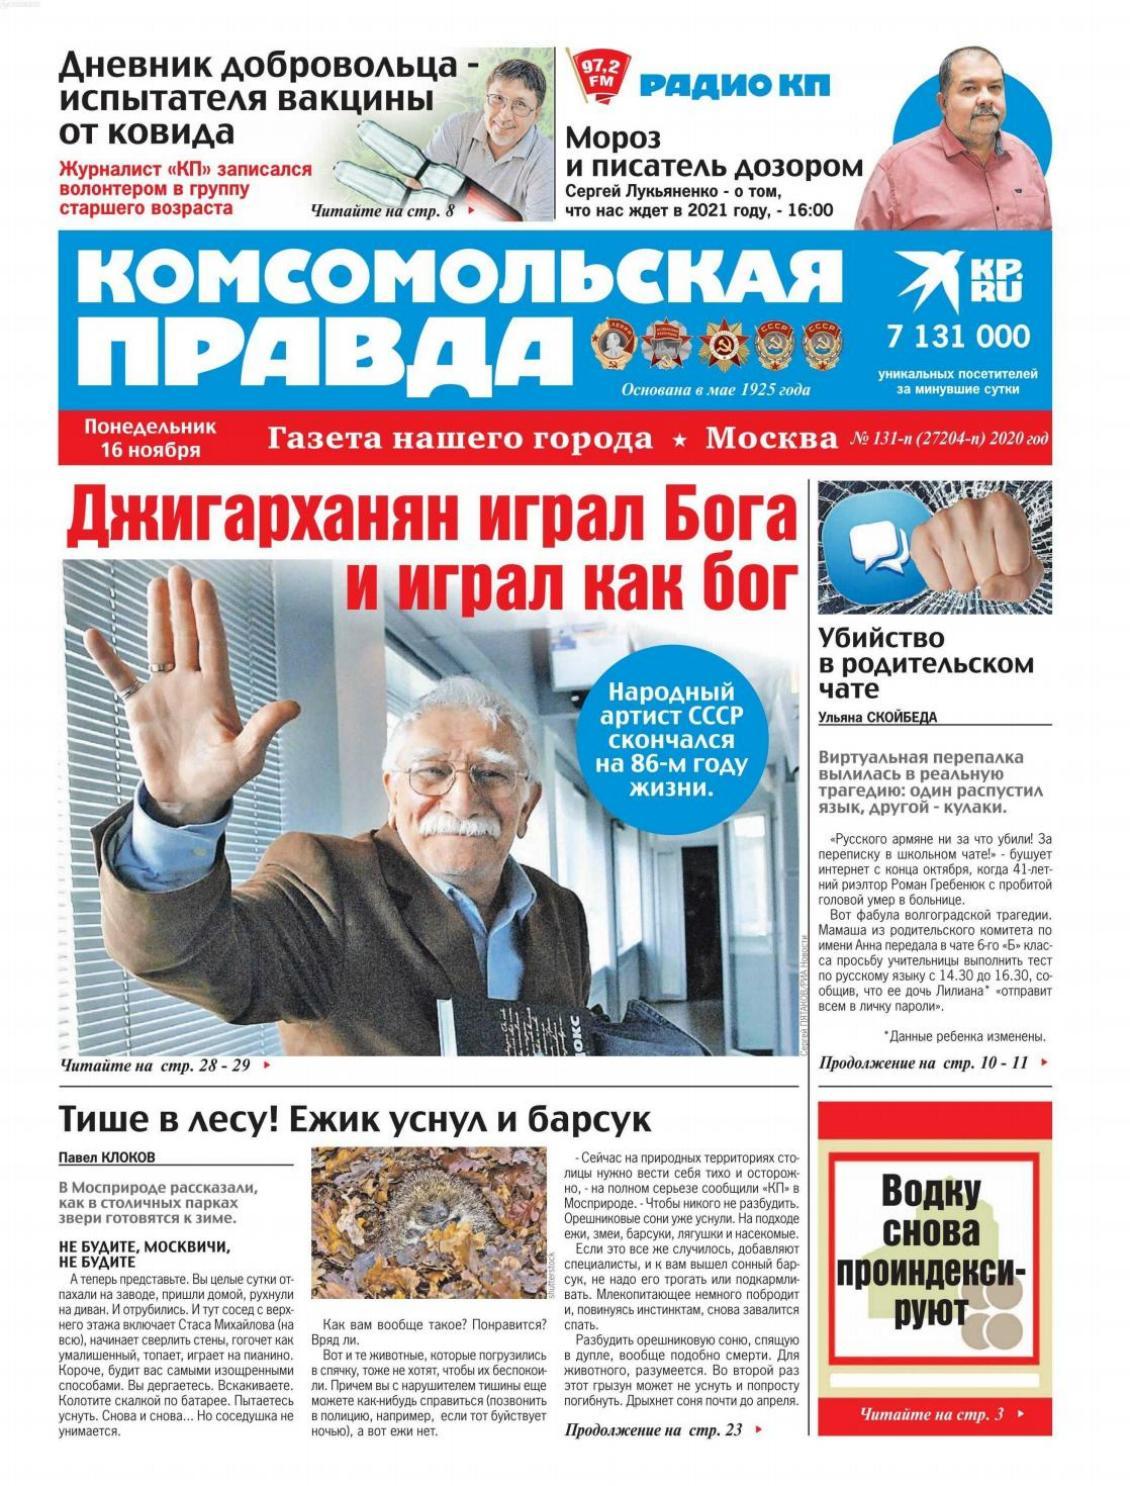 Комсомольская правда №131-п, ноябрь 2020